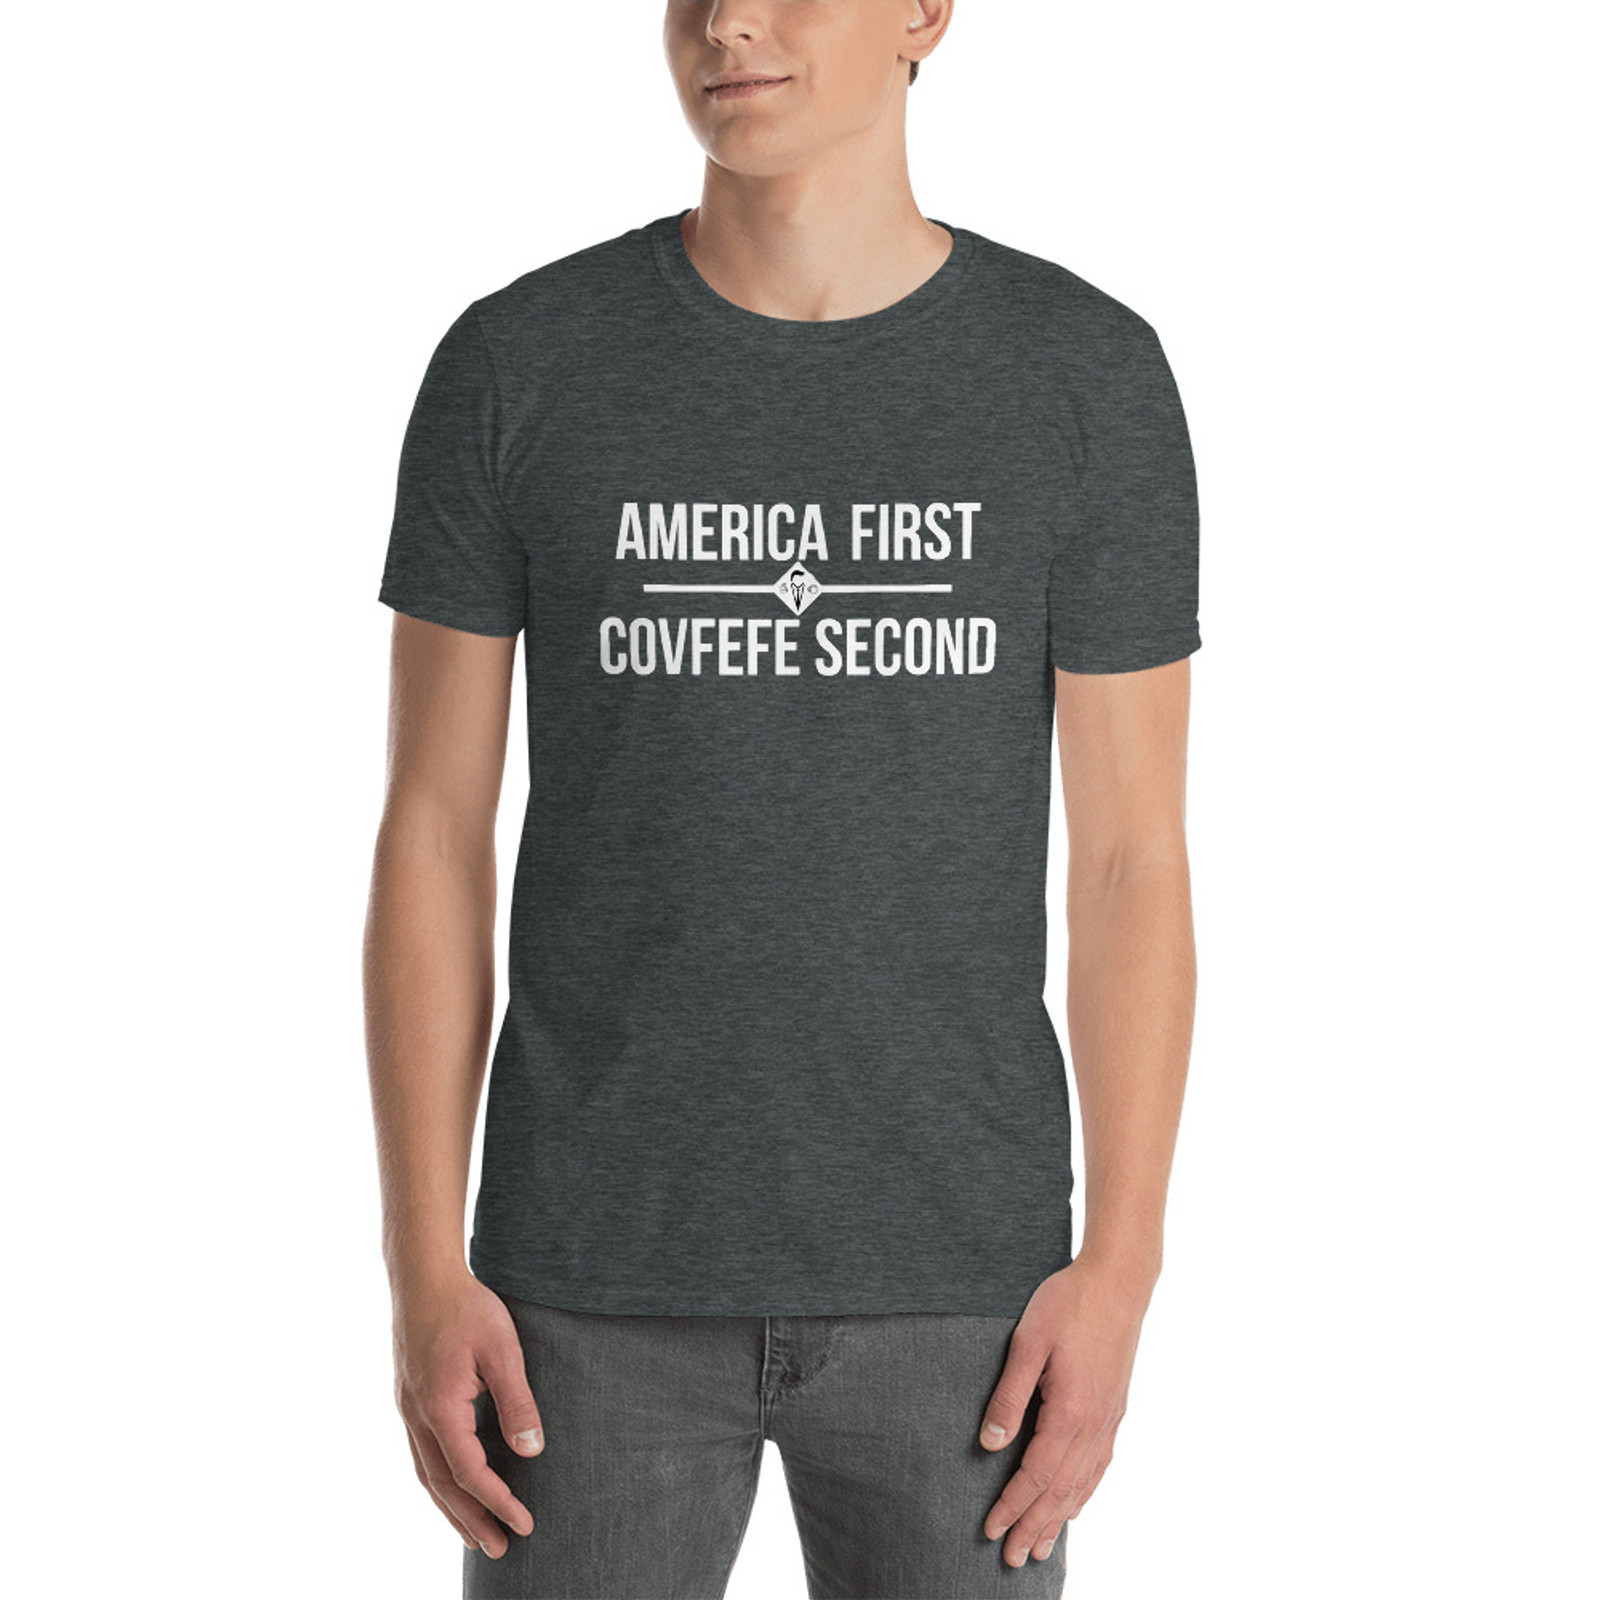 America First COVFEFE Second - Dark